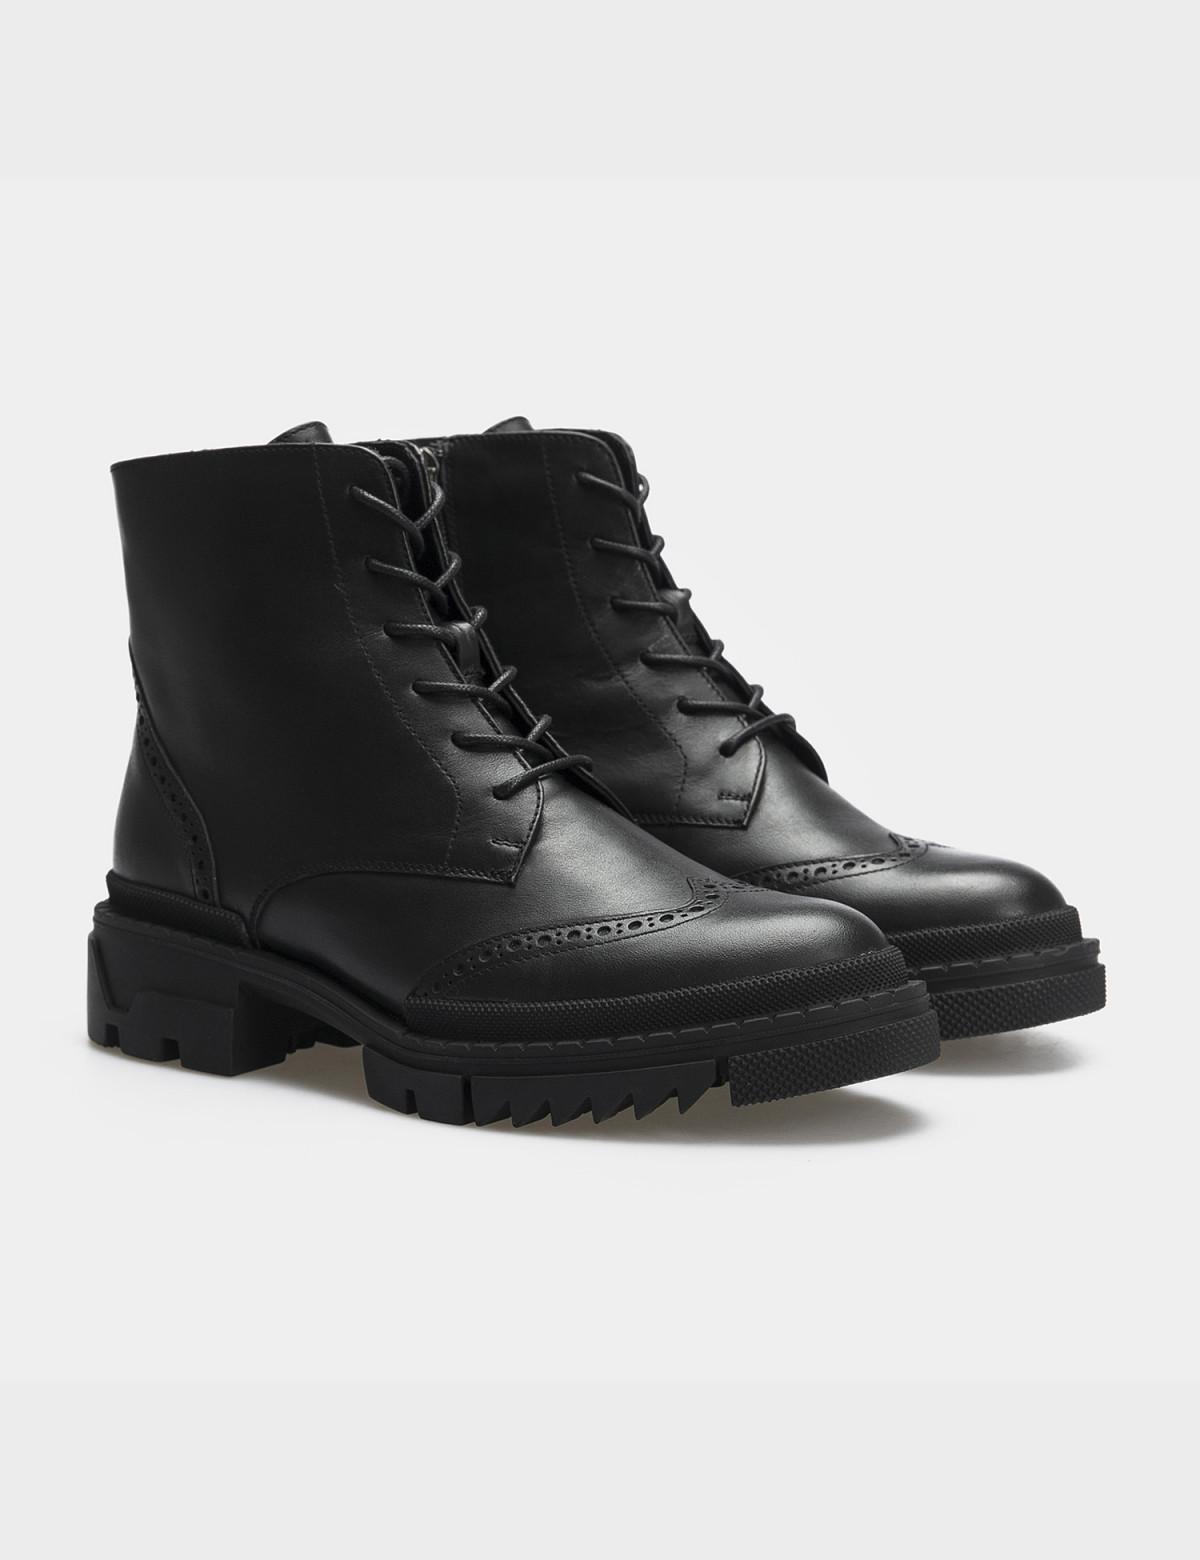 Ботинки черные, натуральная кожа. Шерсть1